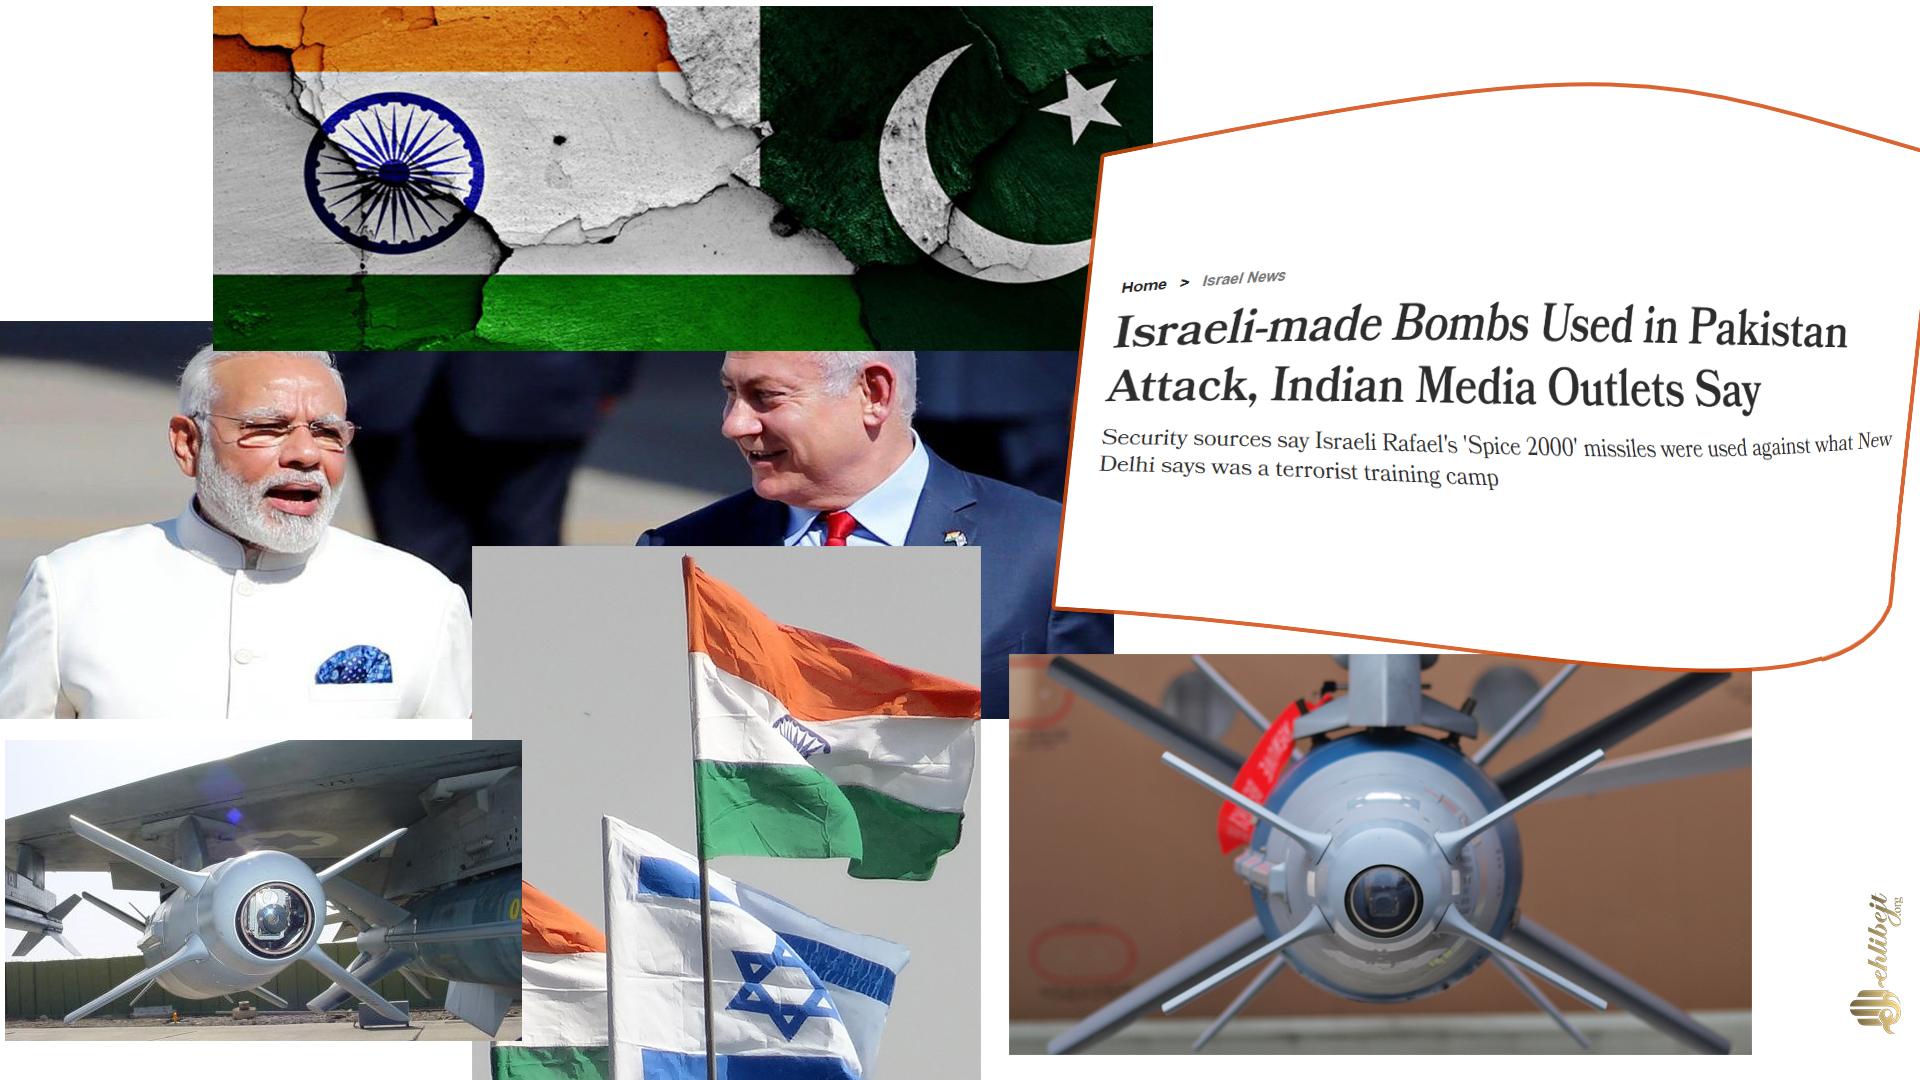 Indija je u napadu na Pakistan koristila izraelske projektile